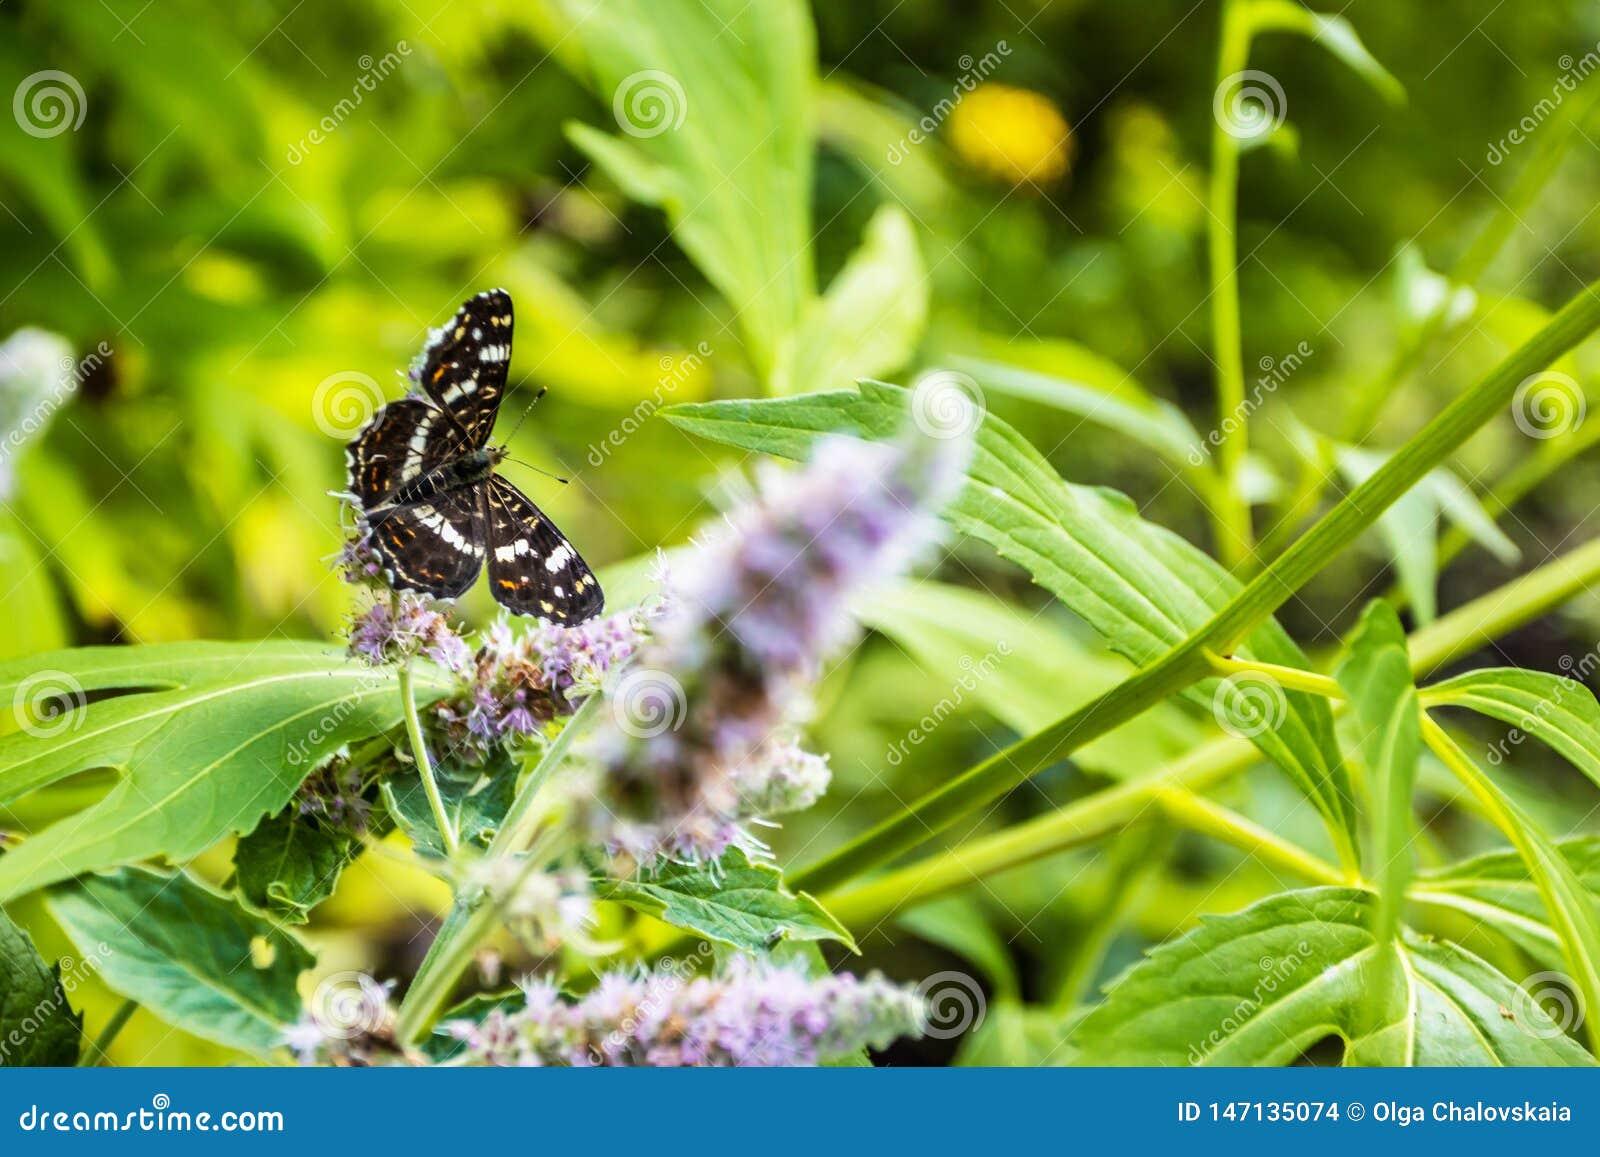 Gesloten omhoog Vlinder op bloem - de achtergrond van de Onduidelijk beeldbloem